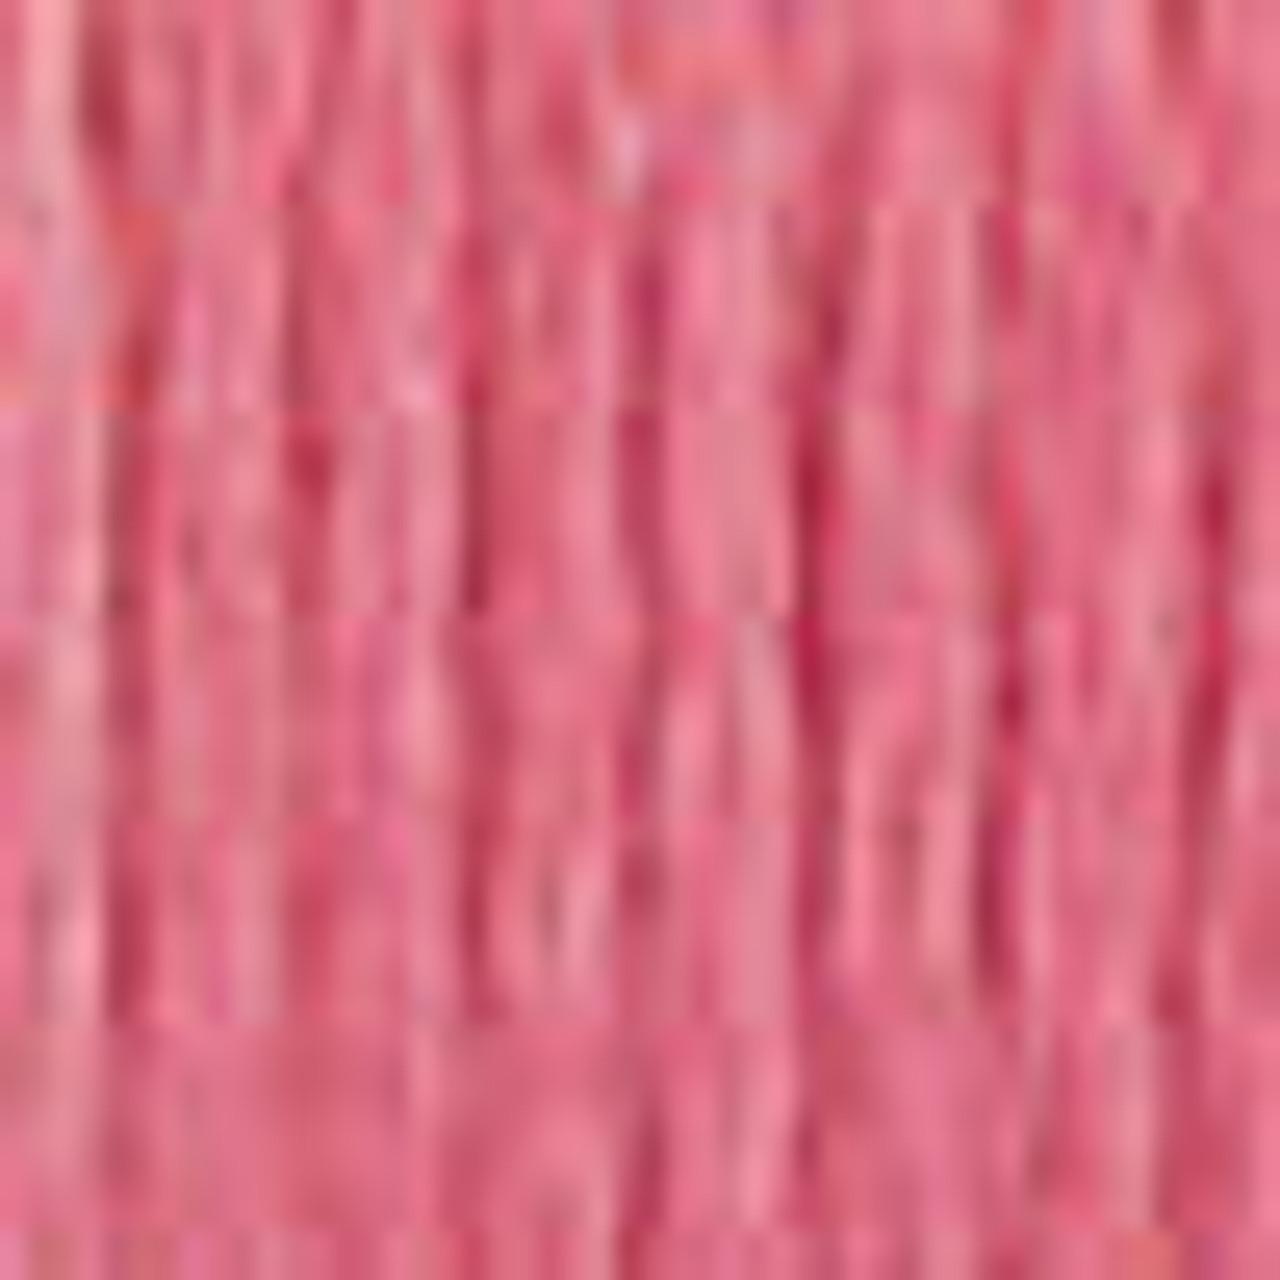 DMC # 3687 Mauve Floss / Thread